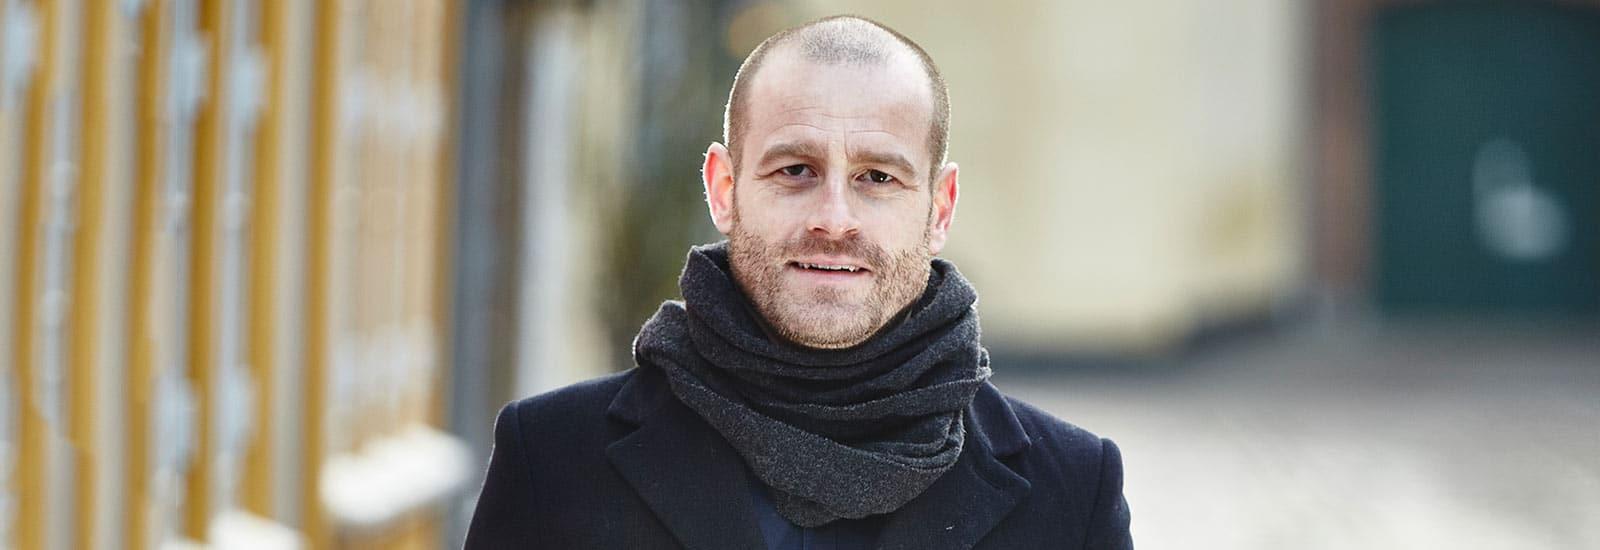 Anders Bjørk Foredrag